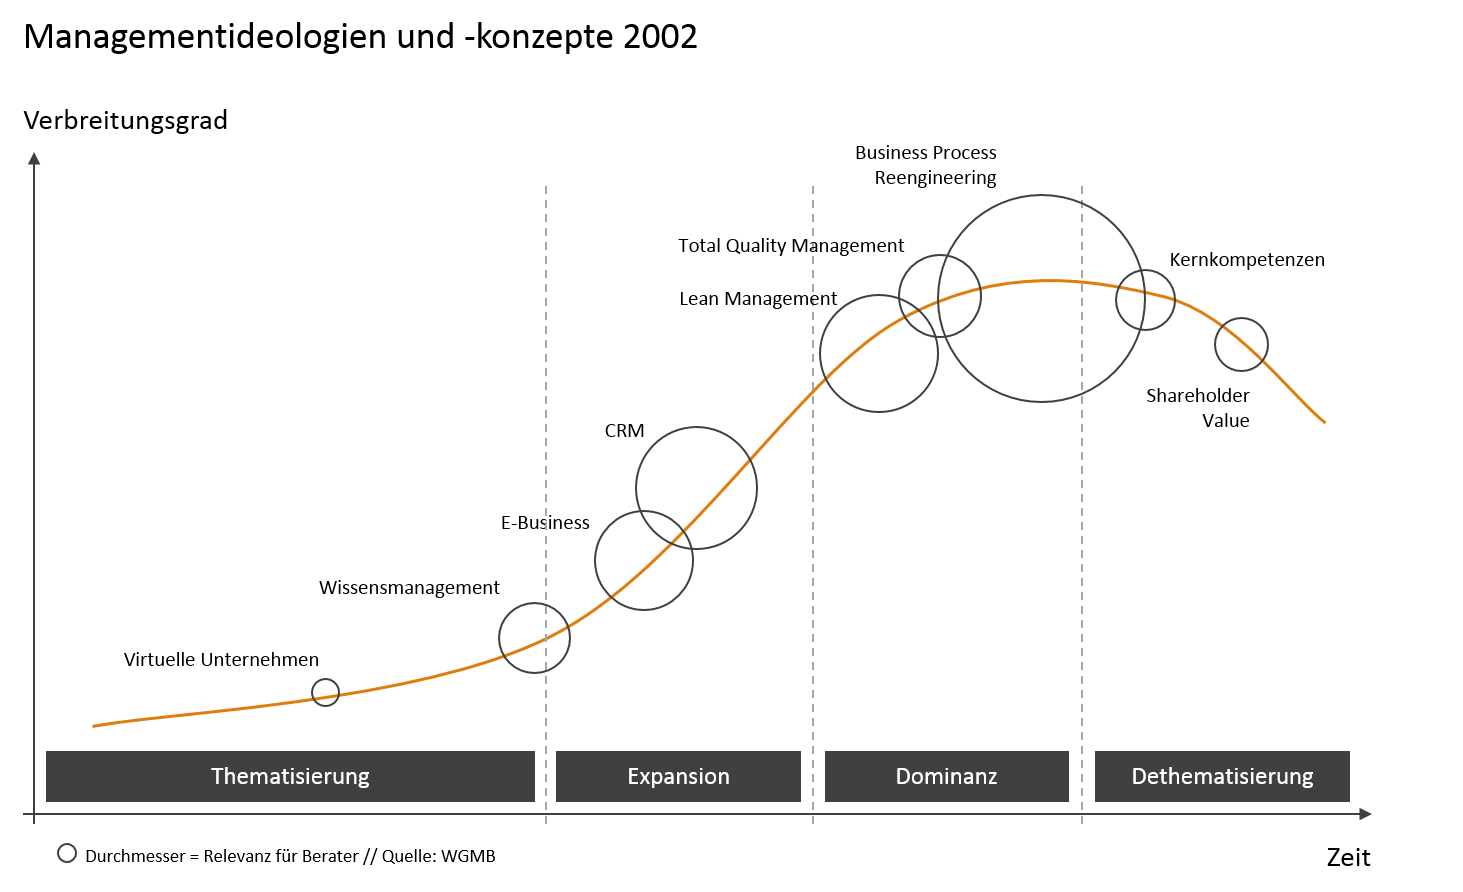 Lebenszyklus_2002